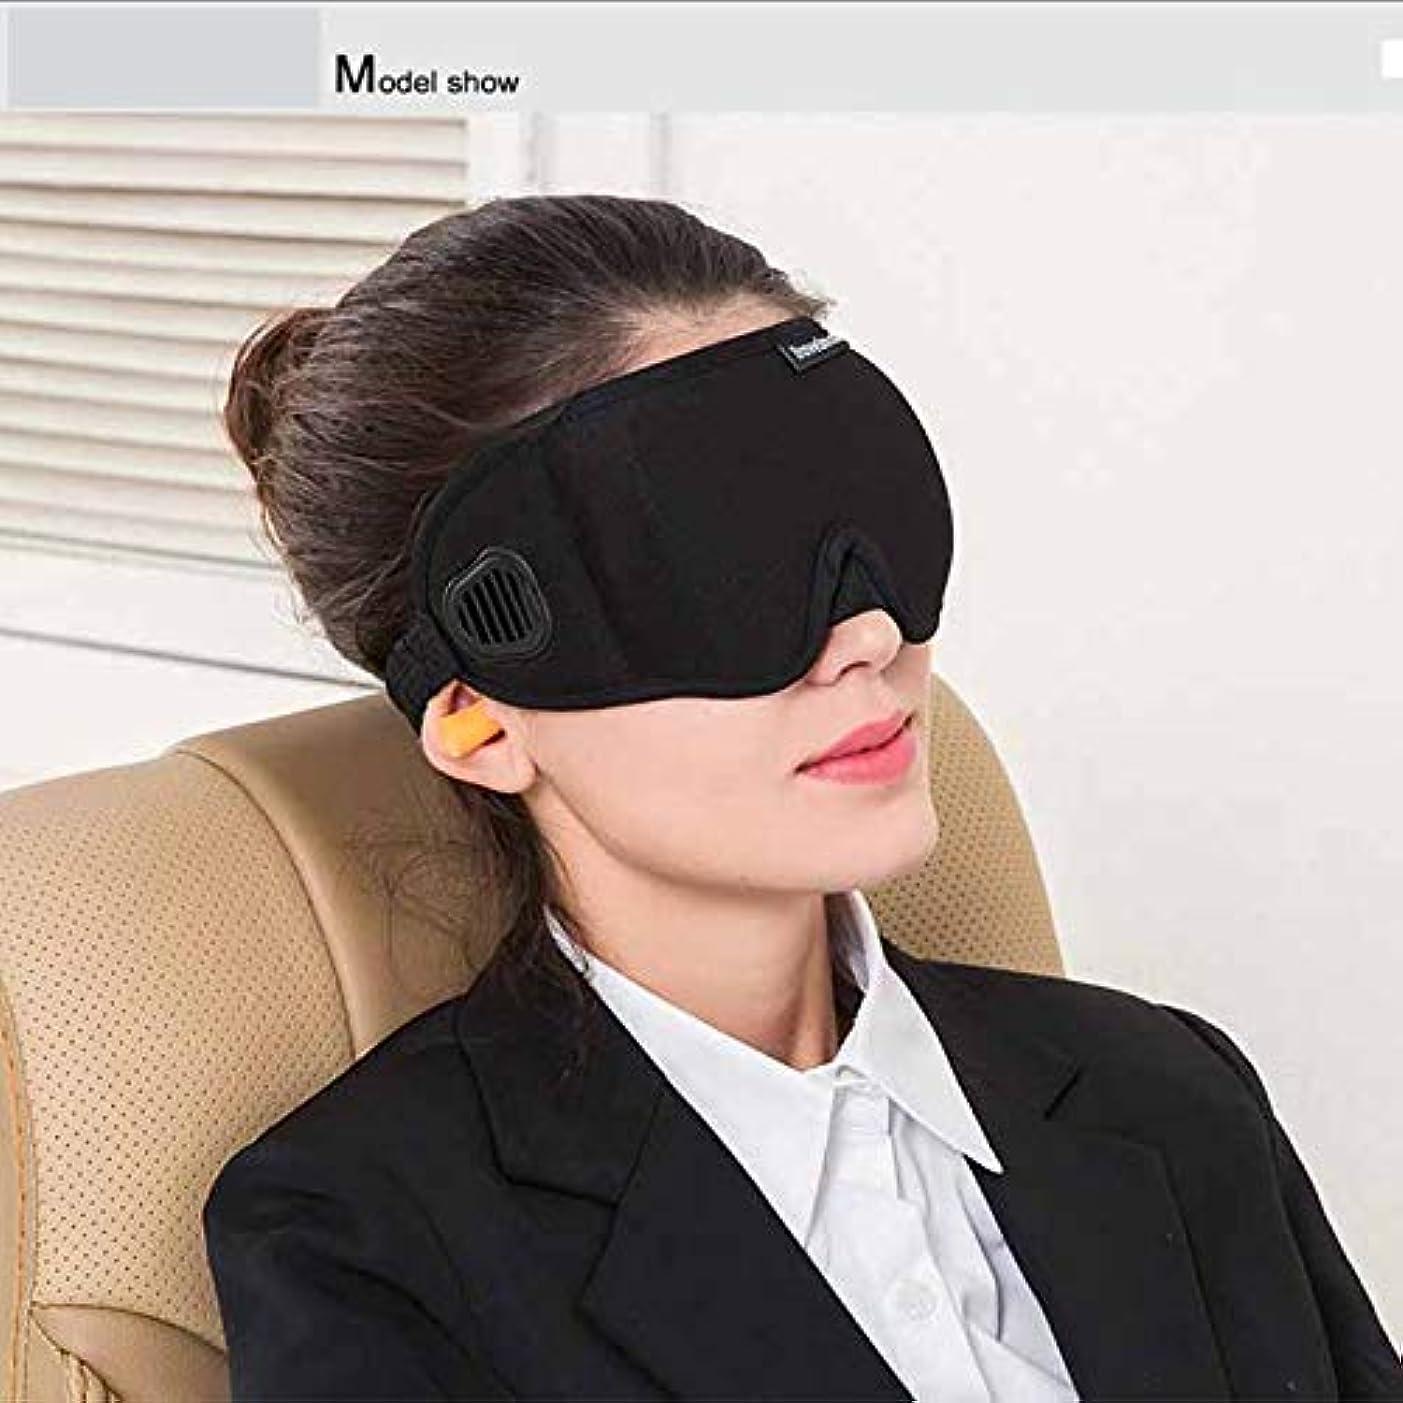 悪用溶融準備した注意ソフト通気性アイケア睡眠休眠補助アイマスクアイシェードカバーコンフォート目隠しシールドパッチアイシェード卸売